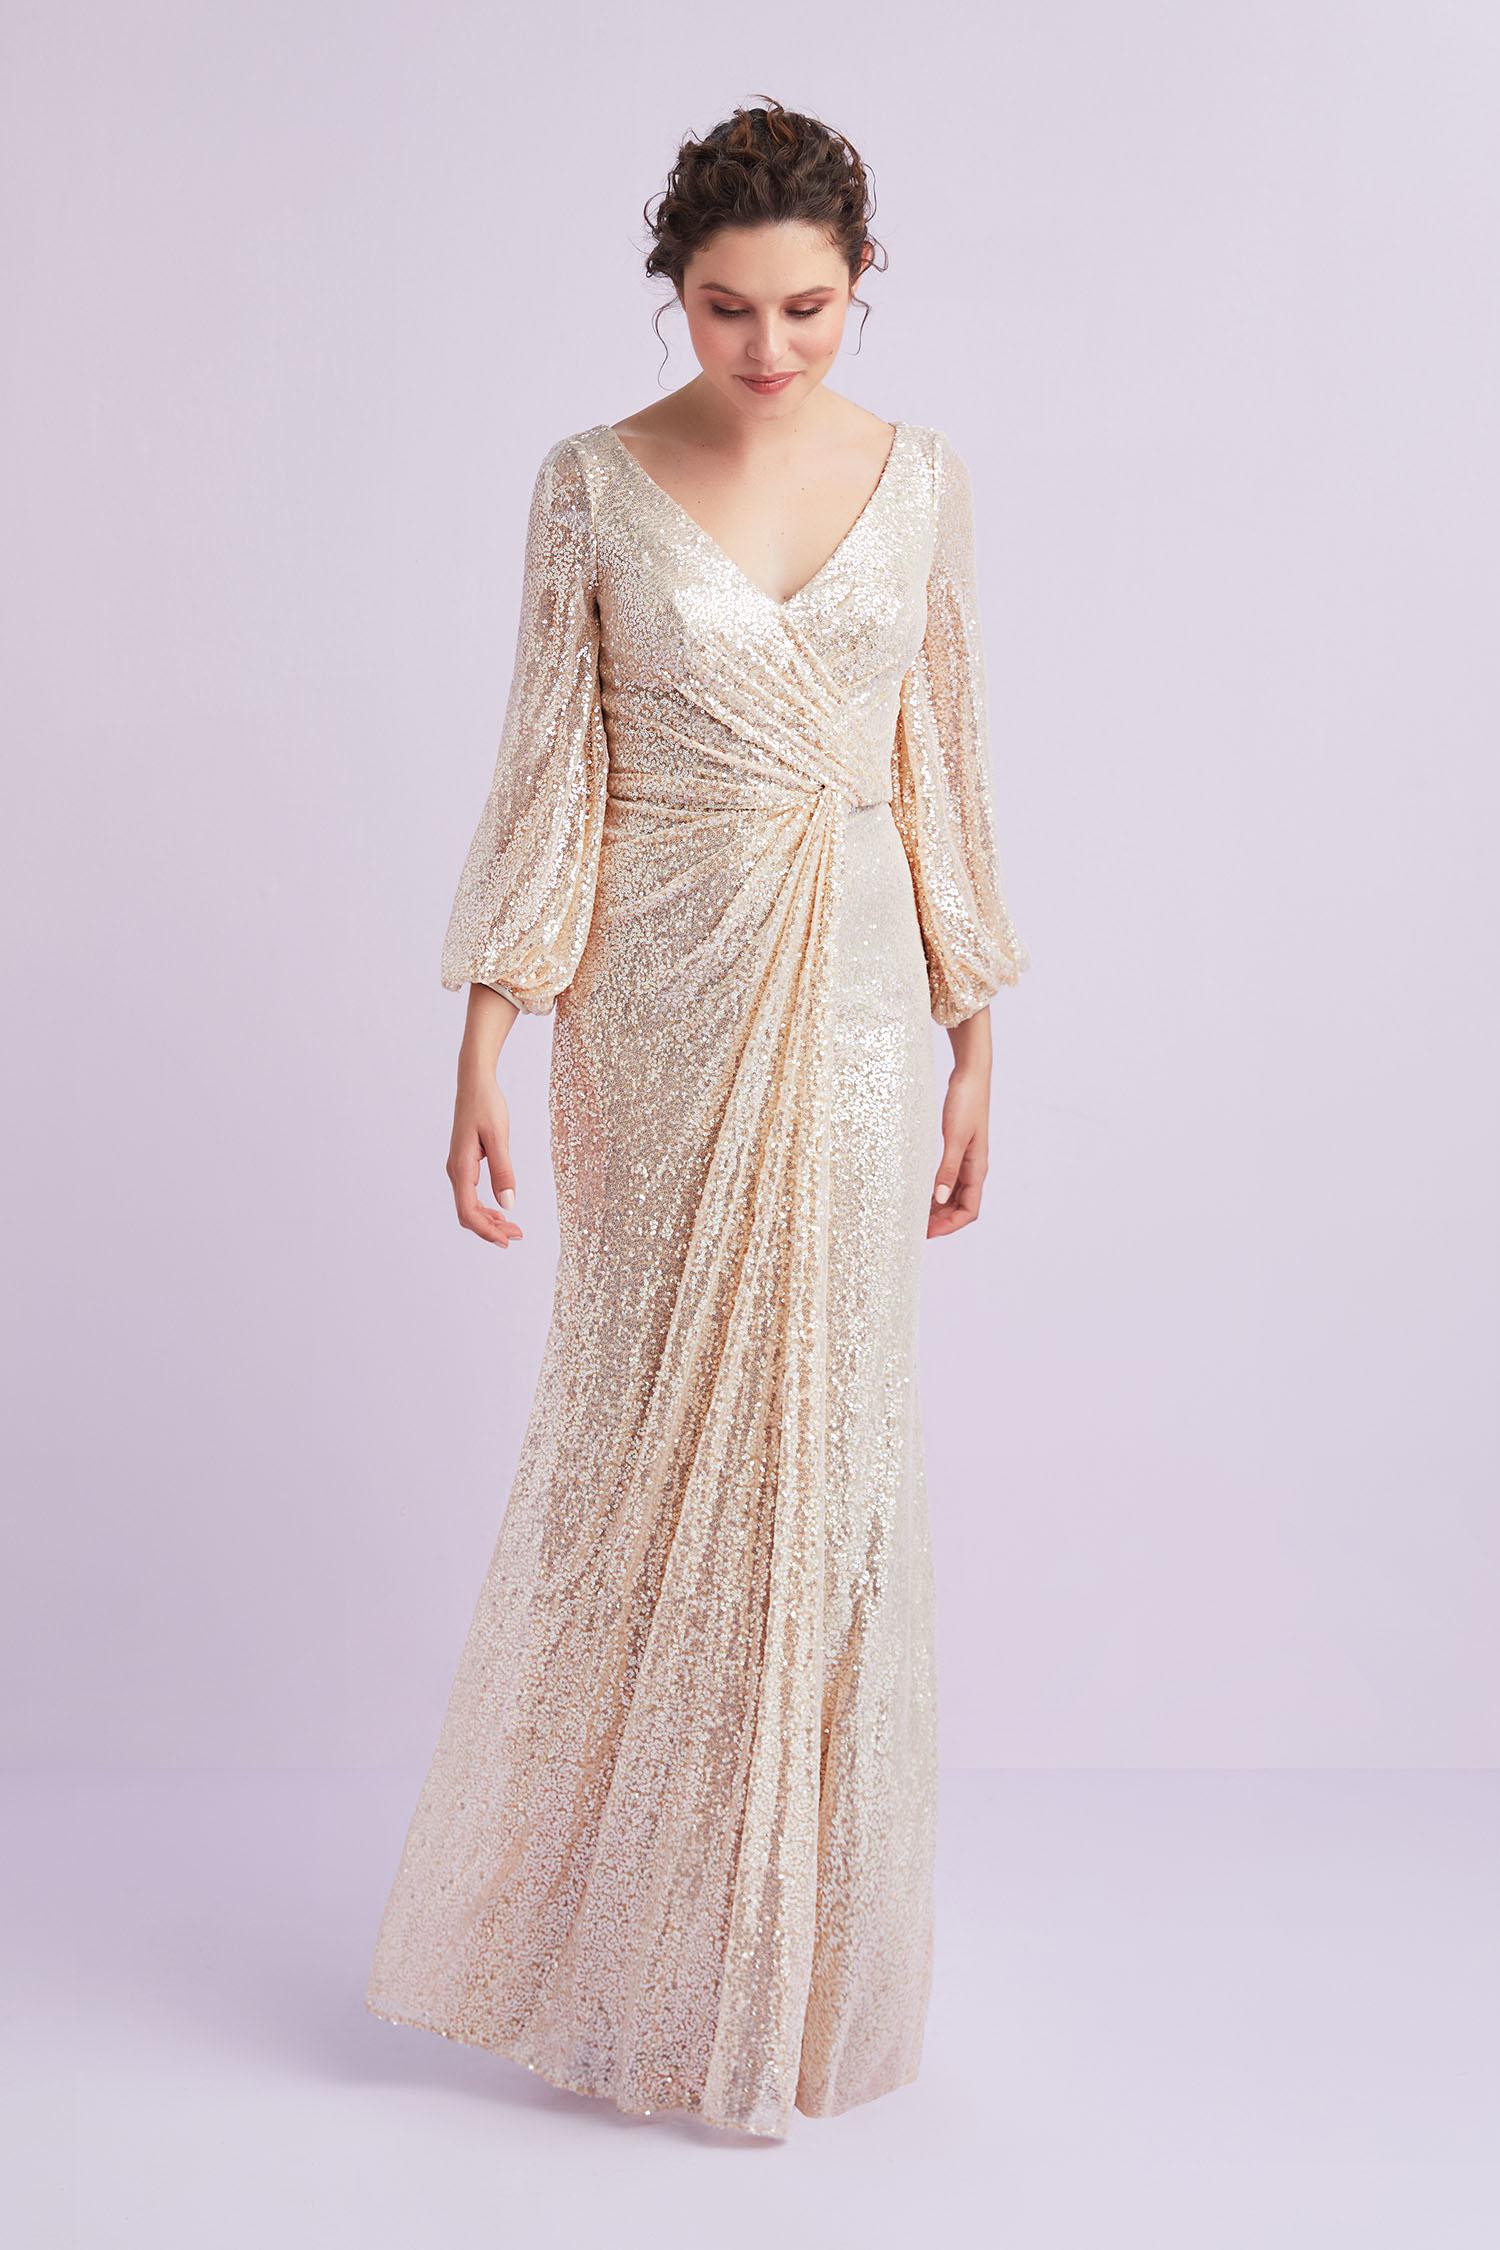 Şampanya Rengi Uzun Kollu Payet İşlemeli Abiye Elbise - Thumbnail